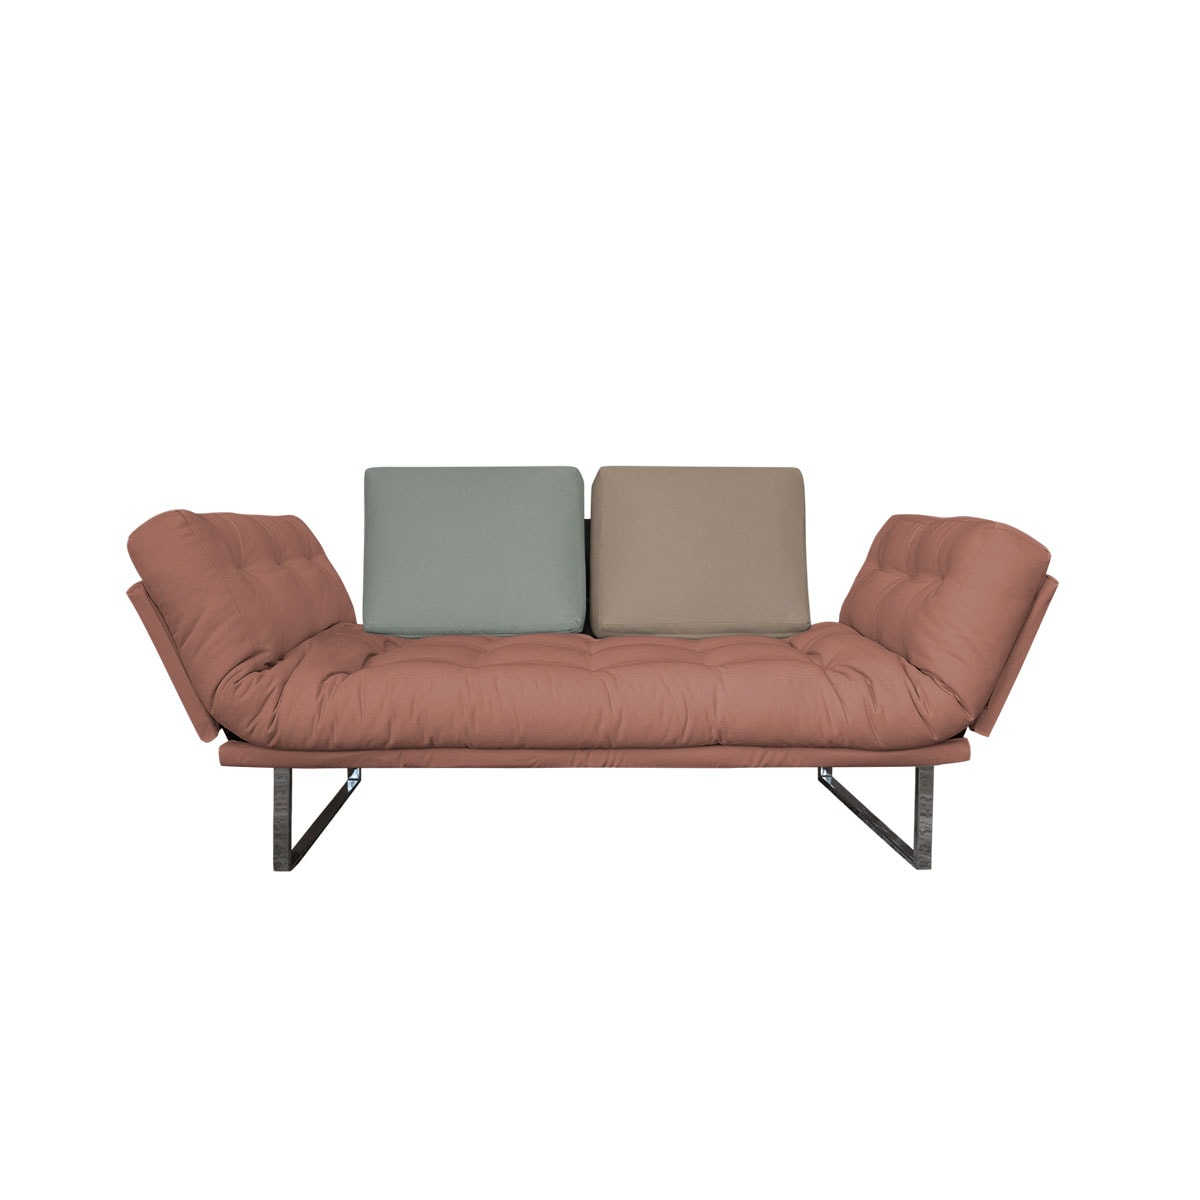 Sofa camas solteiro futon company for Futon para sofa cama